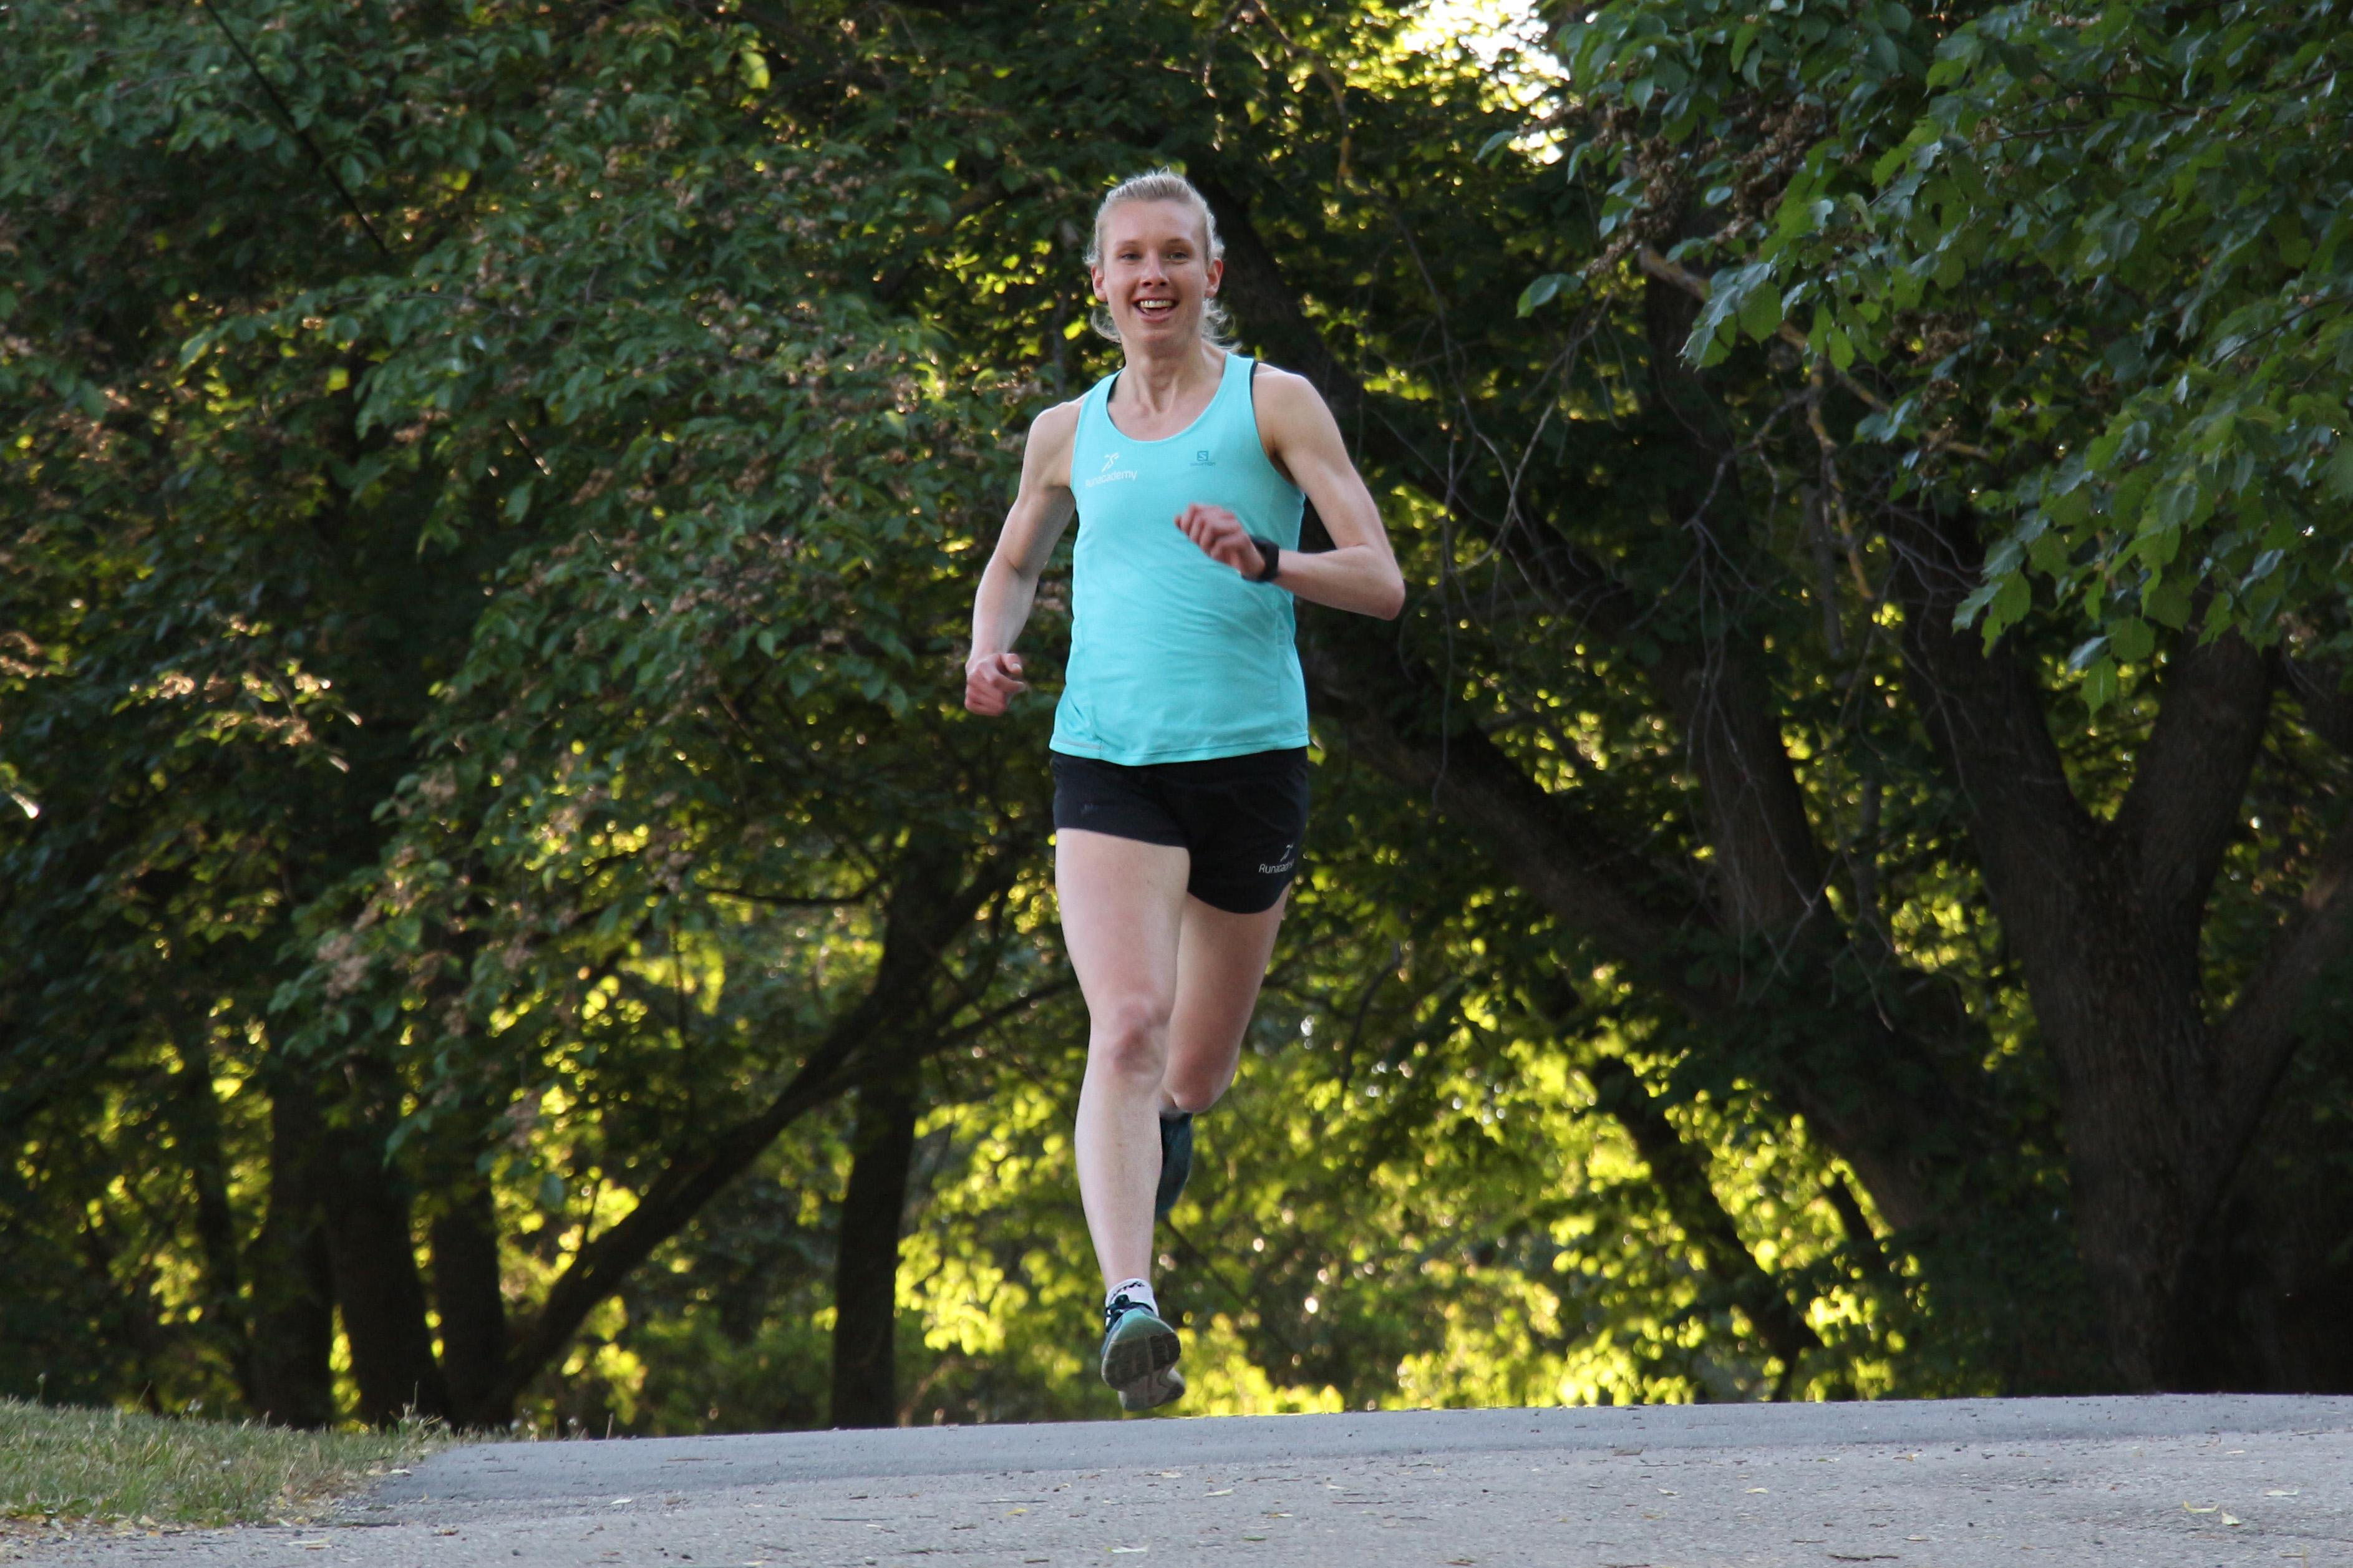 Med bättre löpteknik blir löpningen lättare